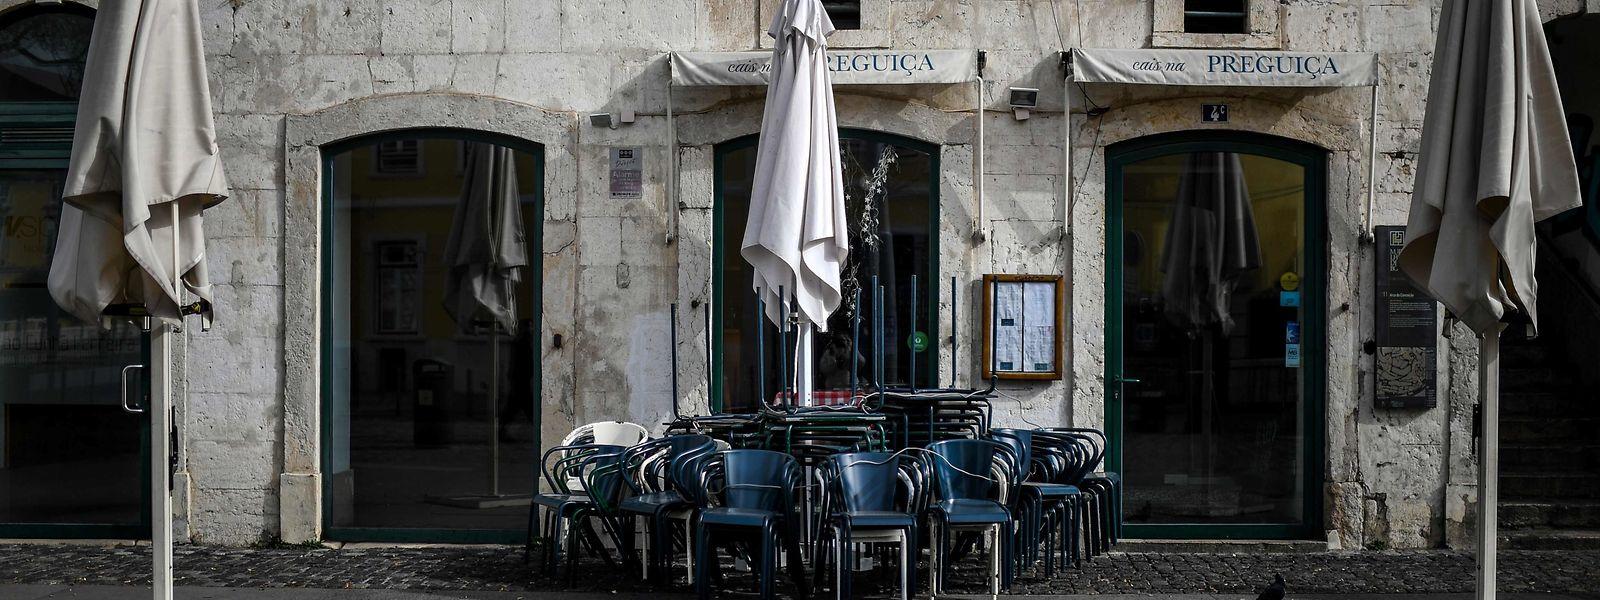 """""""Saudade"""": l'appel du village aux Portugais émigrés. Certains d'entre eux sont prêts à des risques inconsidérés pour rentrer chez eux."""